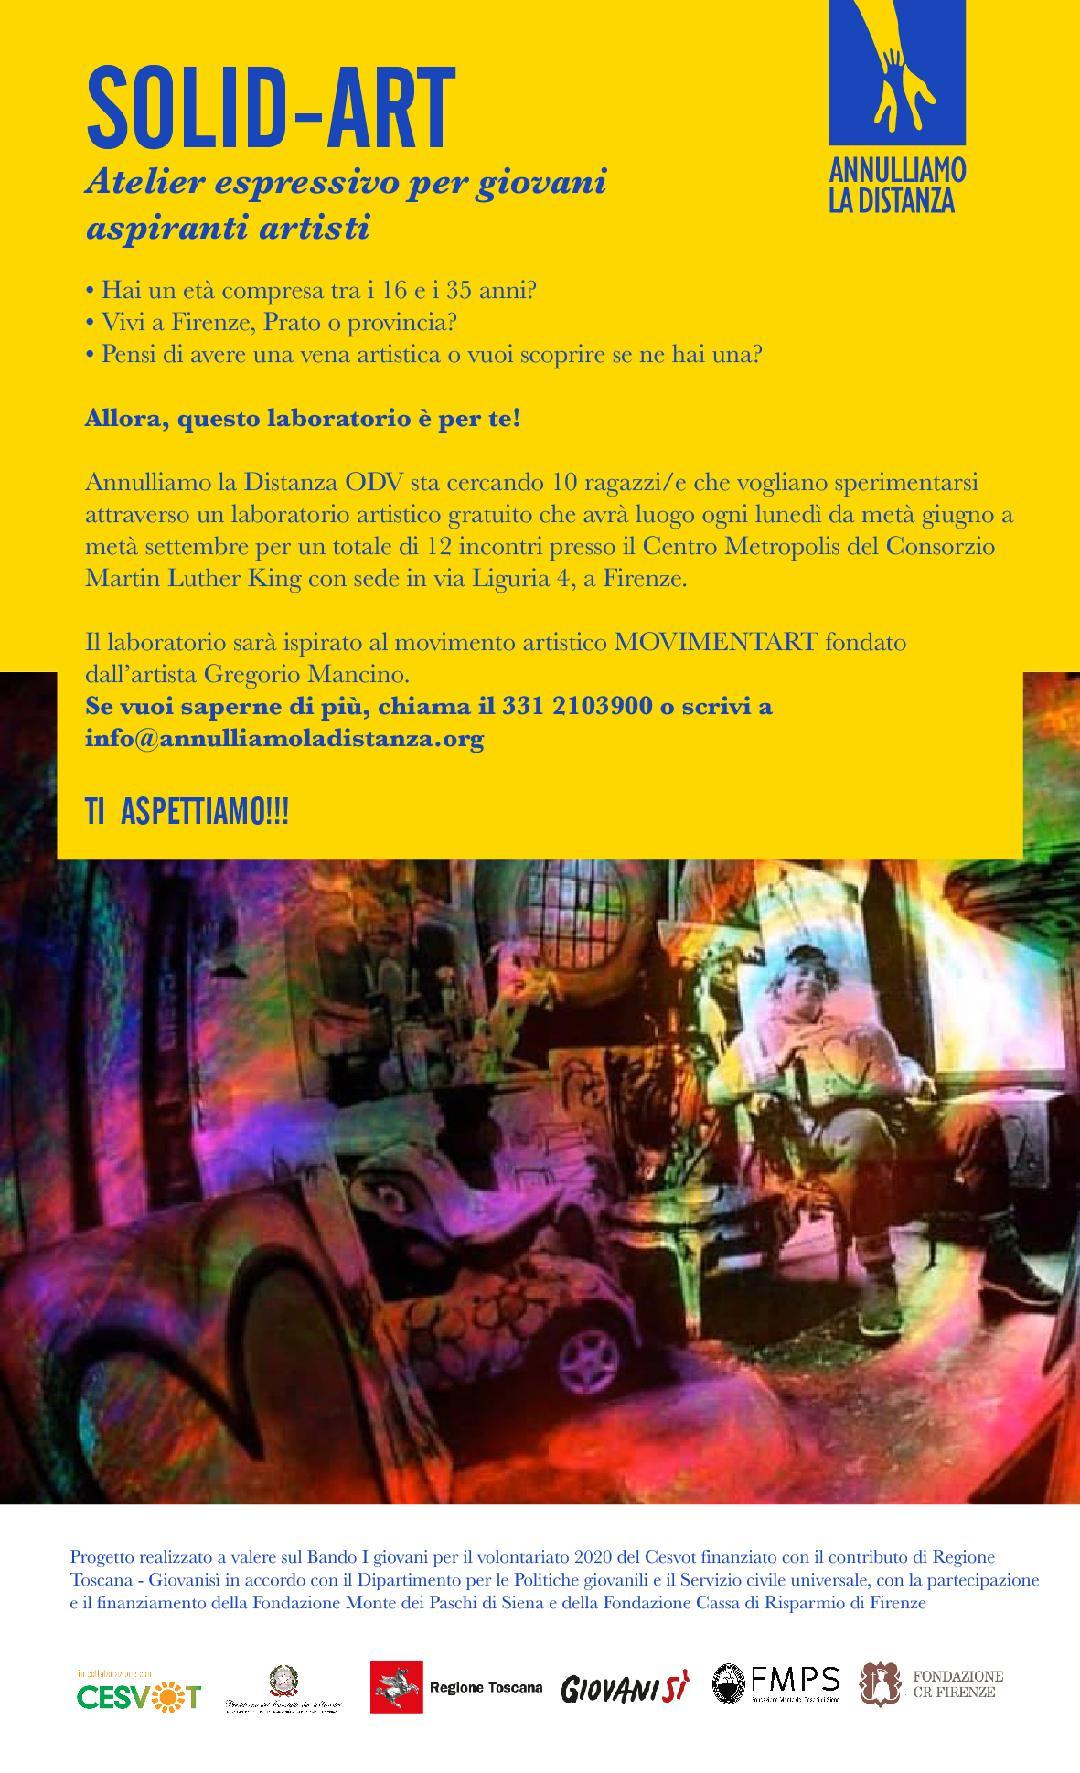 We want you! Iscriviti all'atelier espressivo SOLID-ART per giovani aspiranti artisti